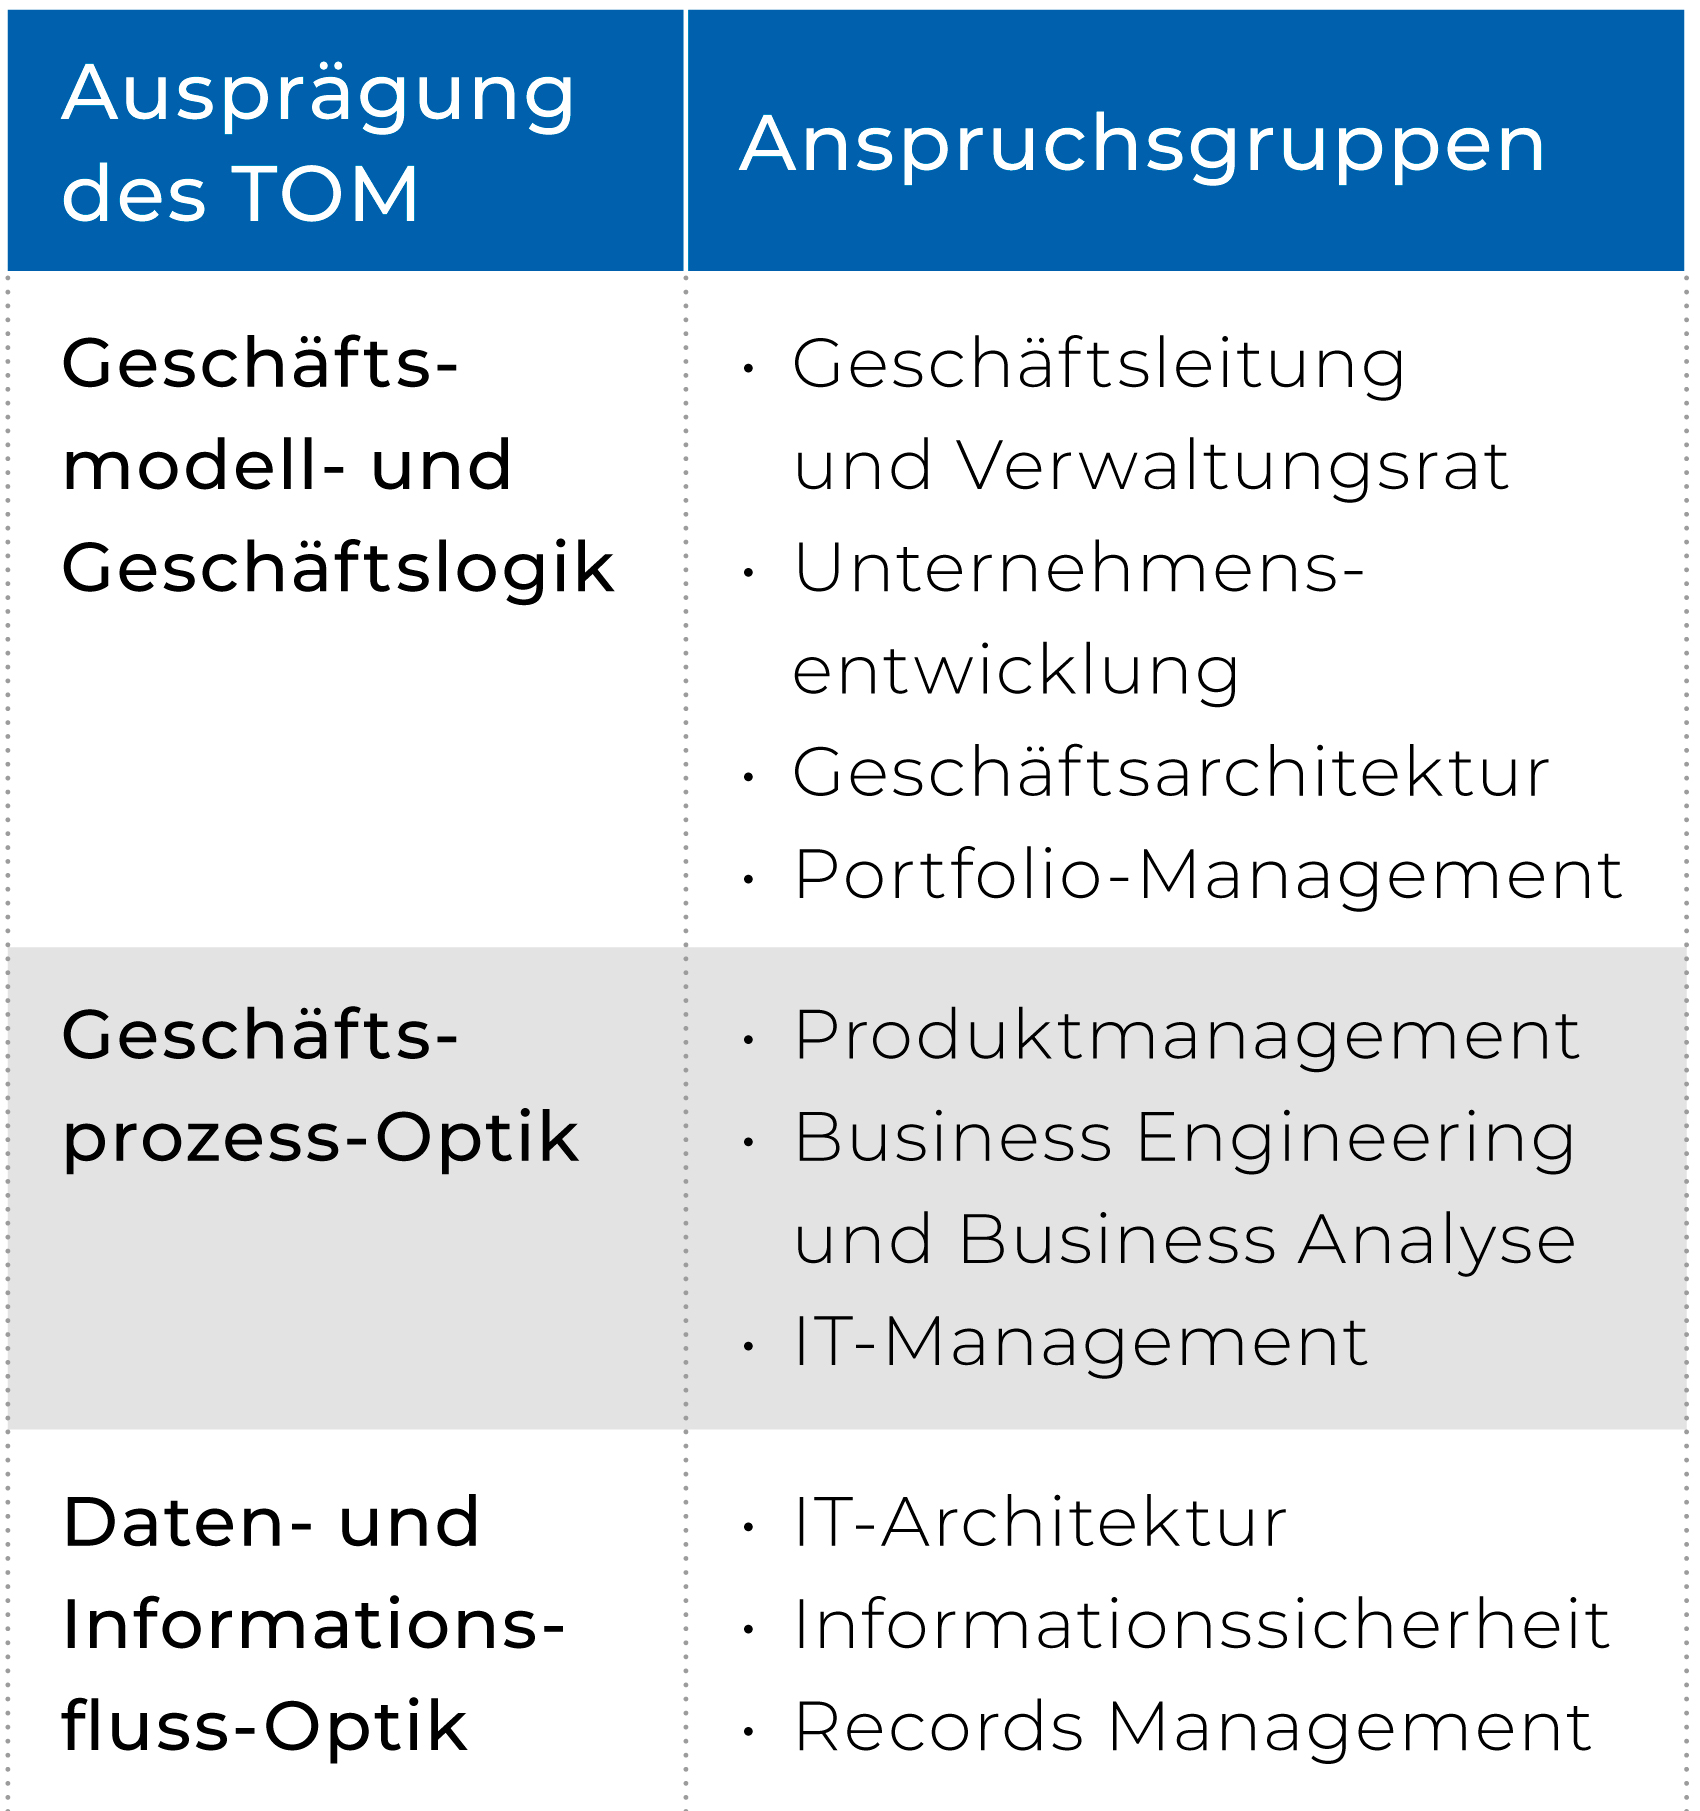 In mehreren Ausprägungen dargestelltes Target Operating Model